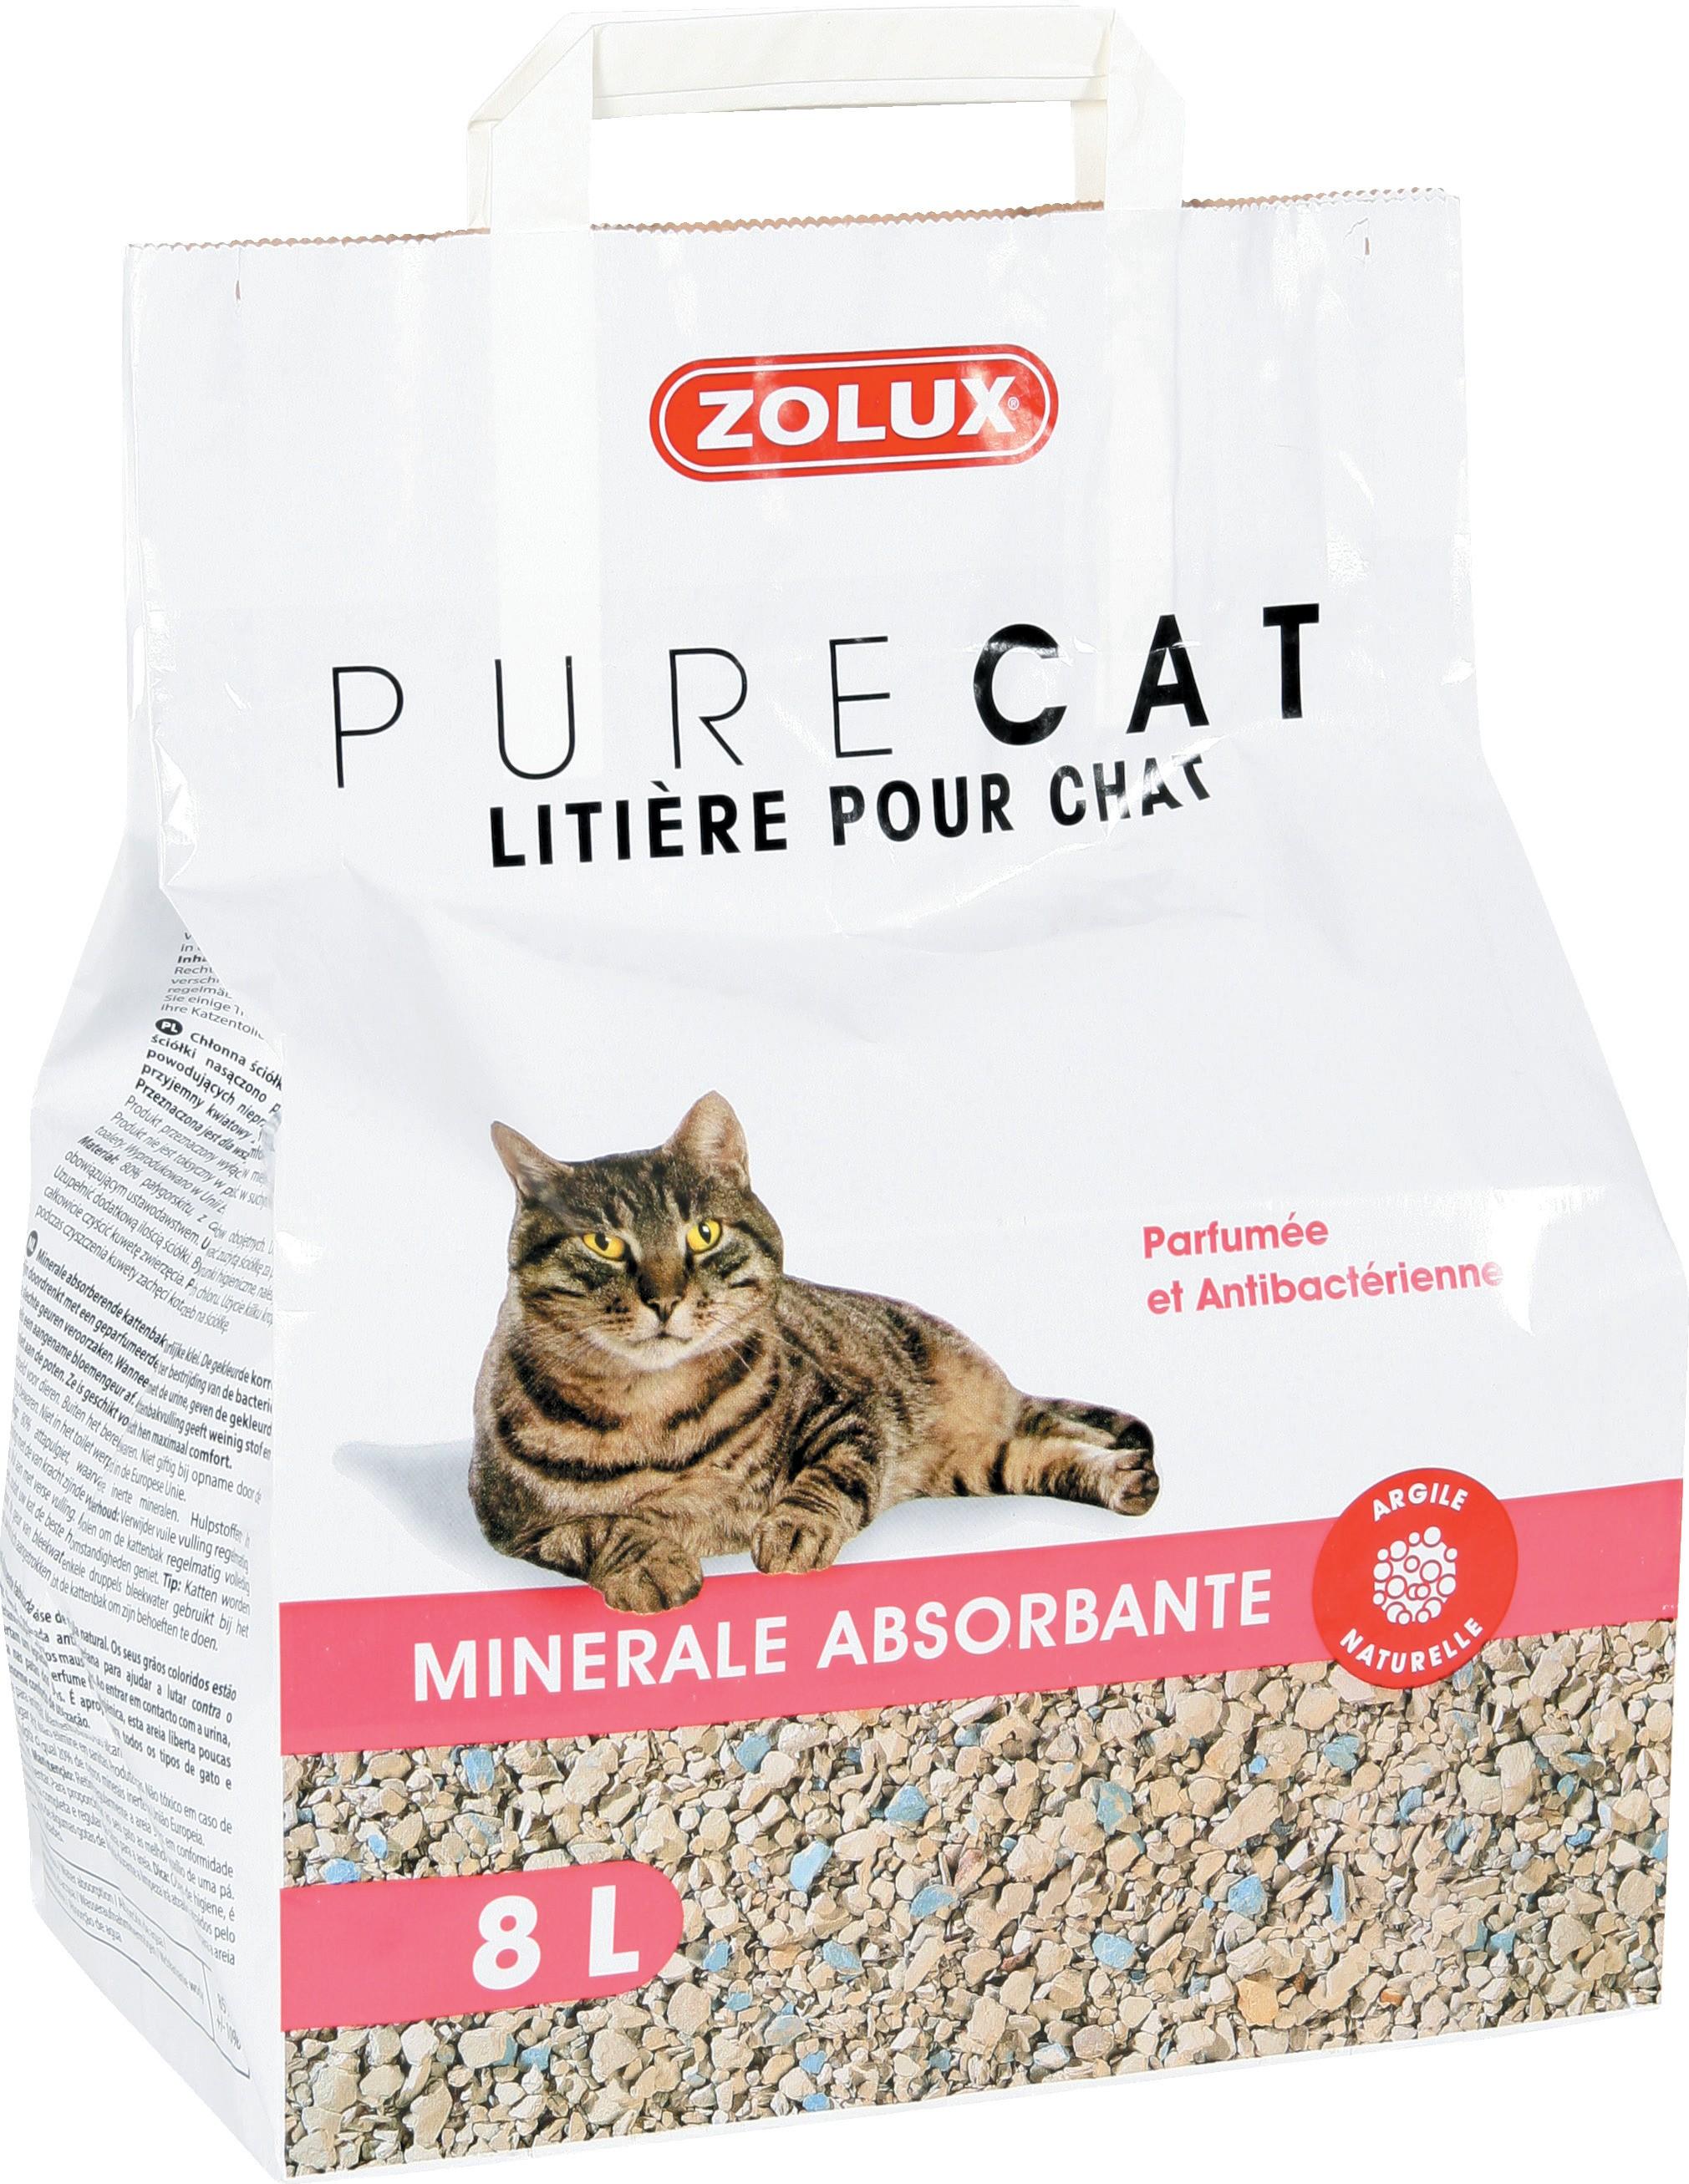 Litière PureCat minérale absorbante